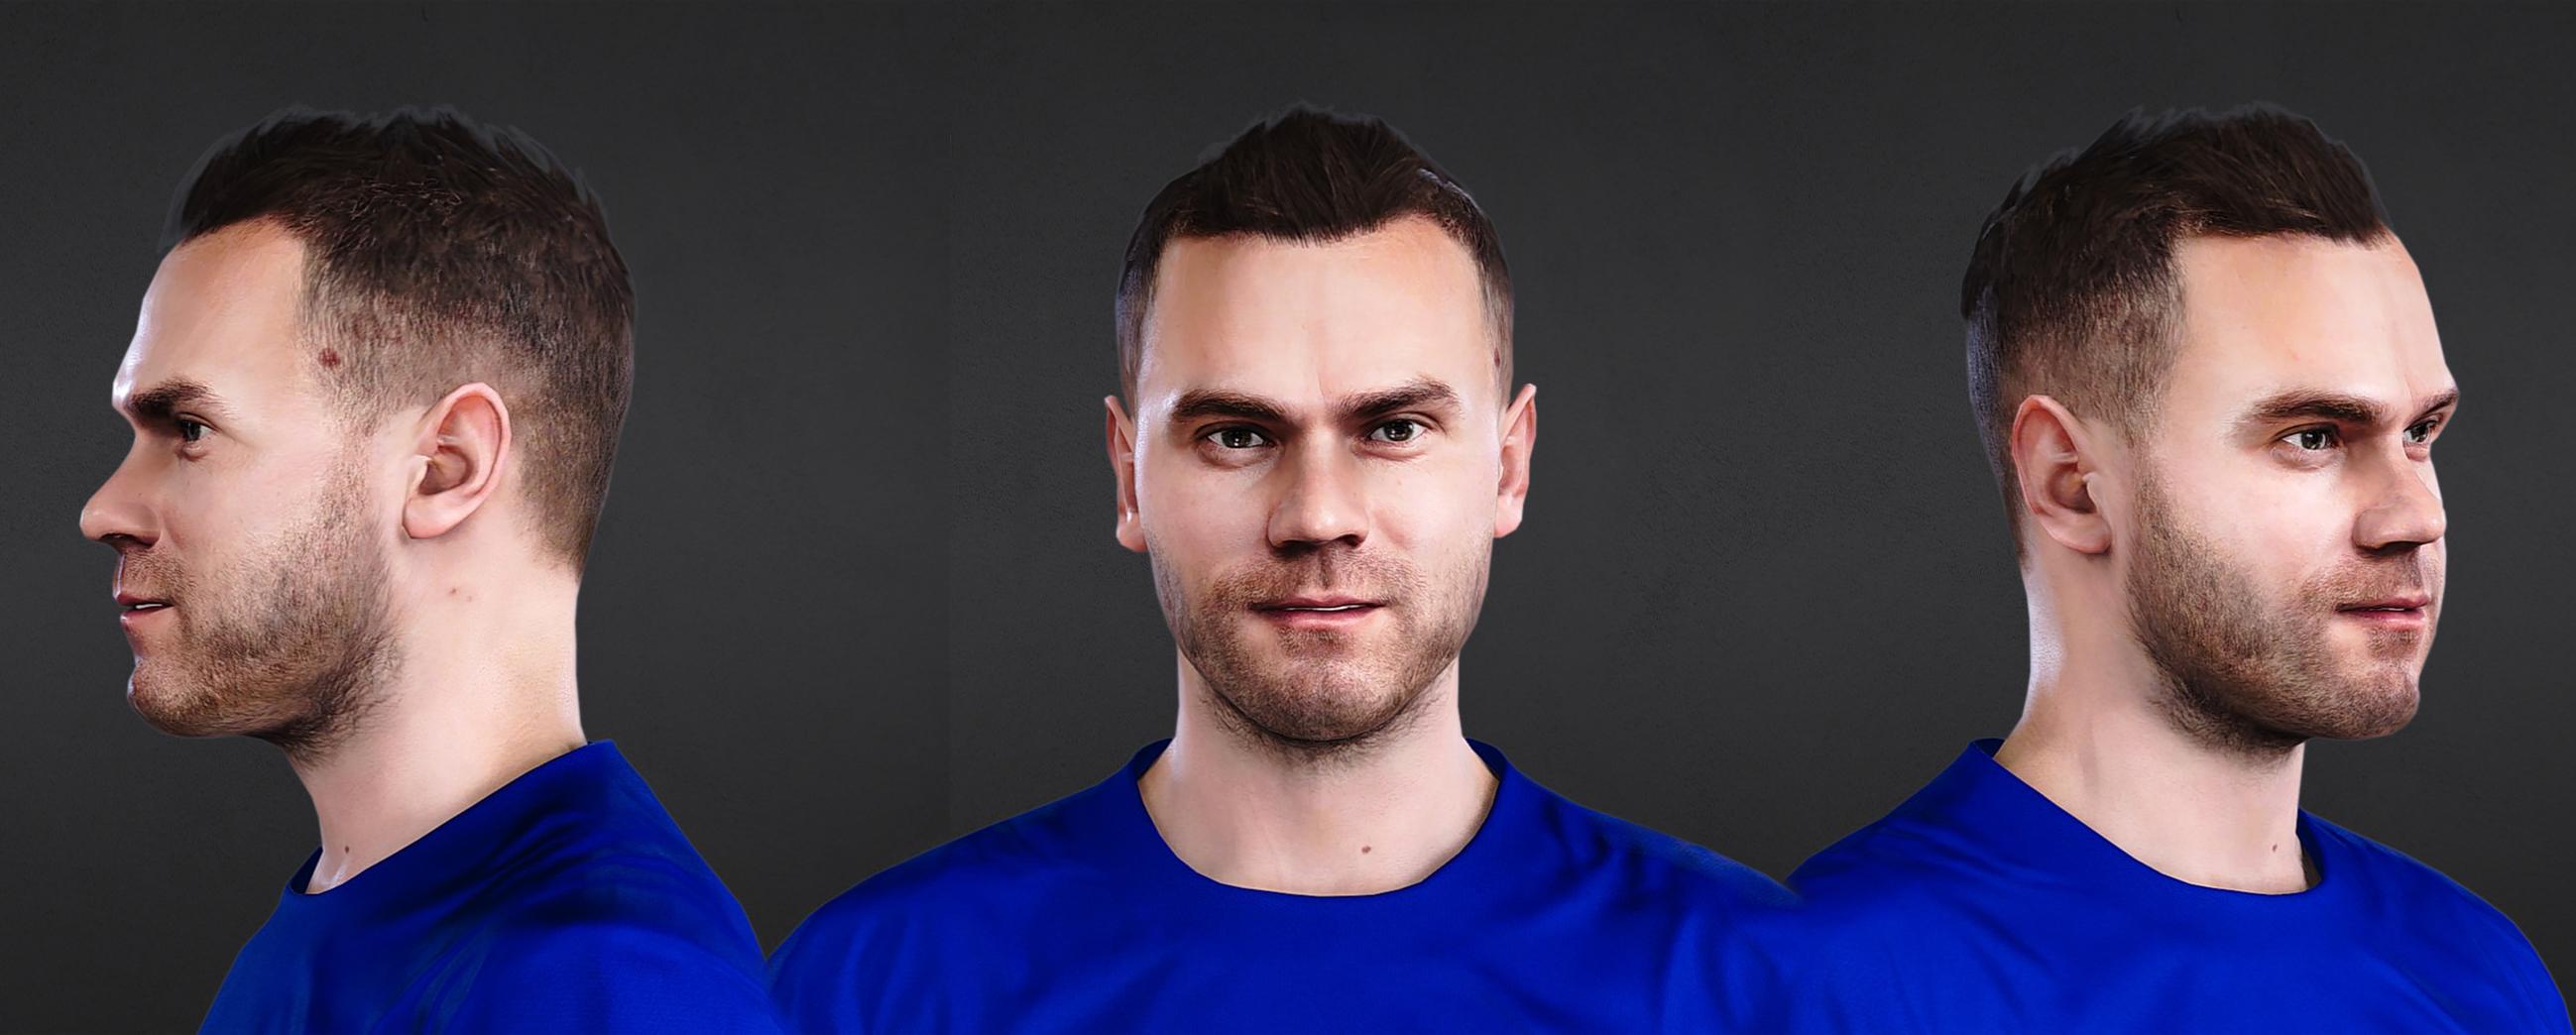 PES 2021 Faces Igor Akinfeev Face